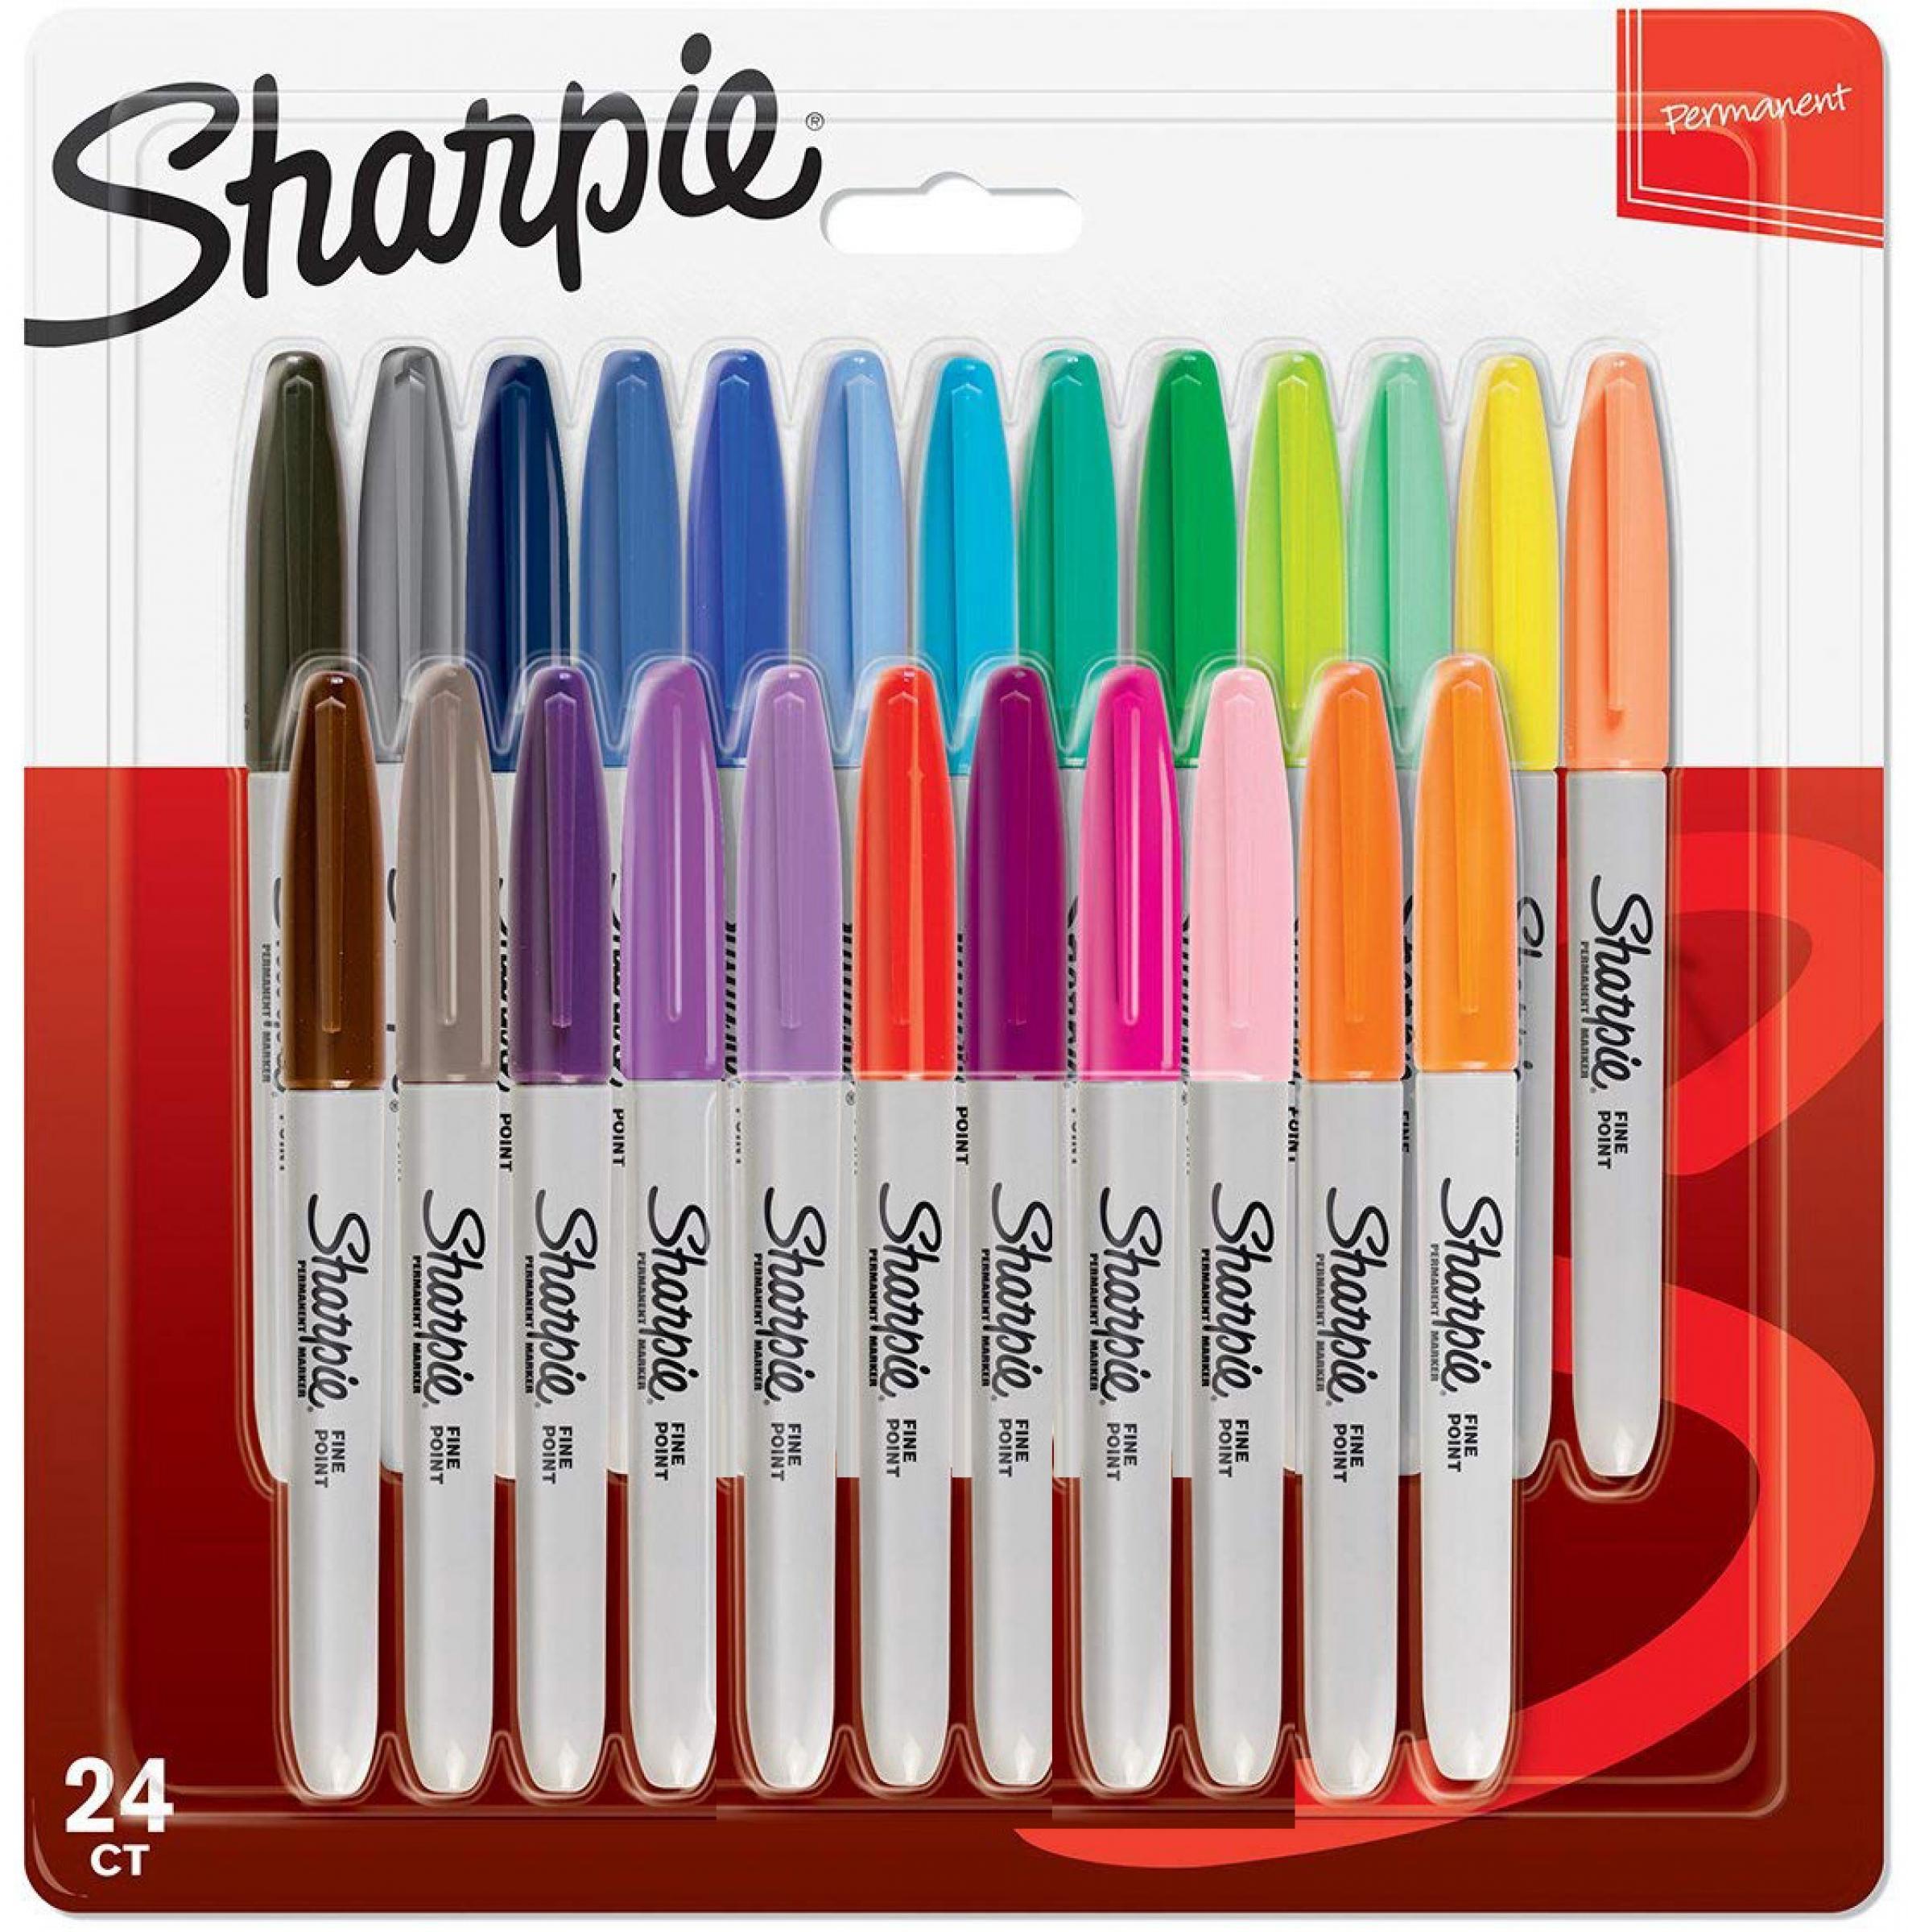 Sharpie 2065405 - 24 Stück(e) - Mehrfarben - Feine/ runde Spitze - Mehrfarben - Kunststoff - Polycarbonat - 0,9 mm